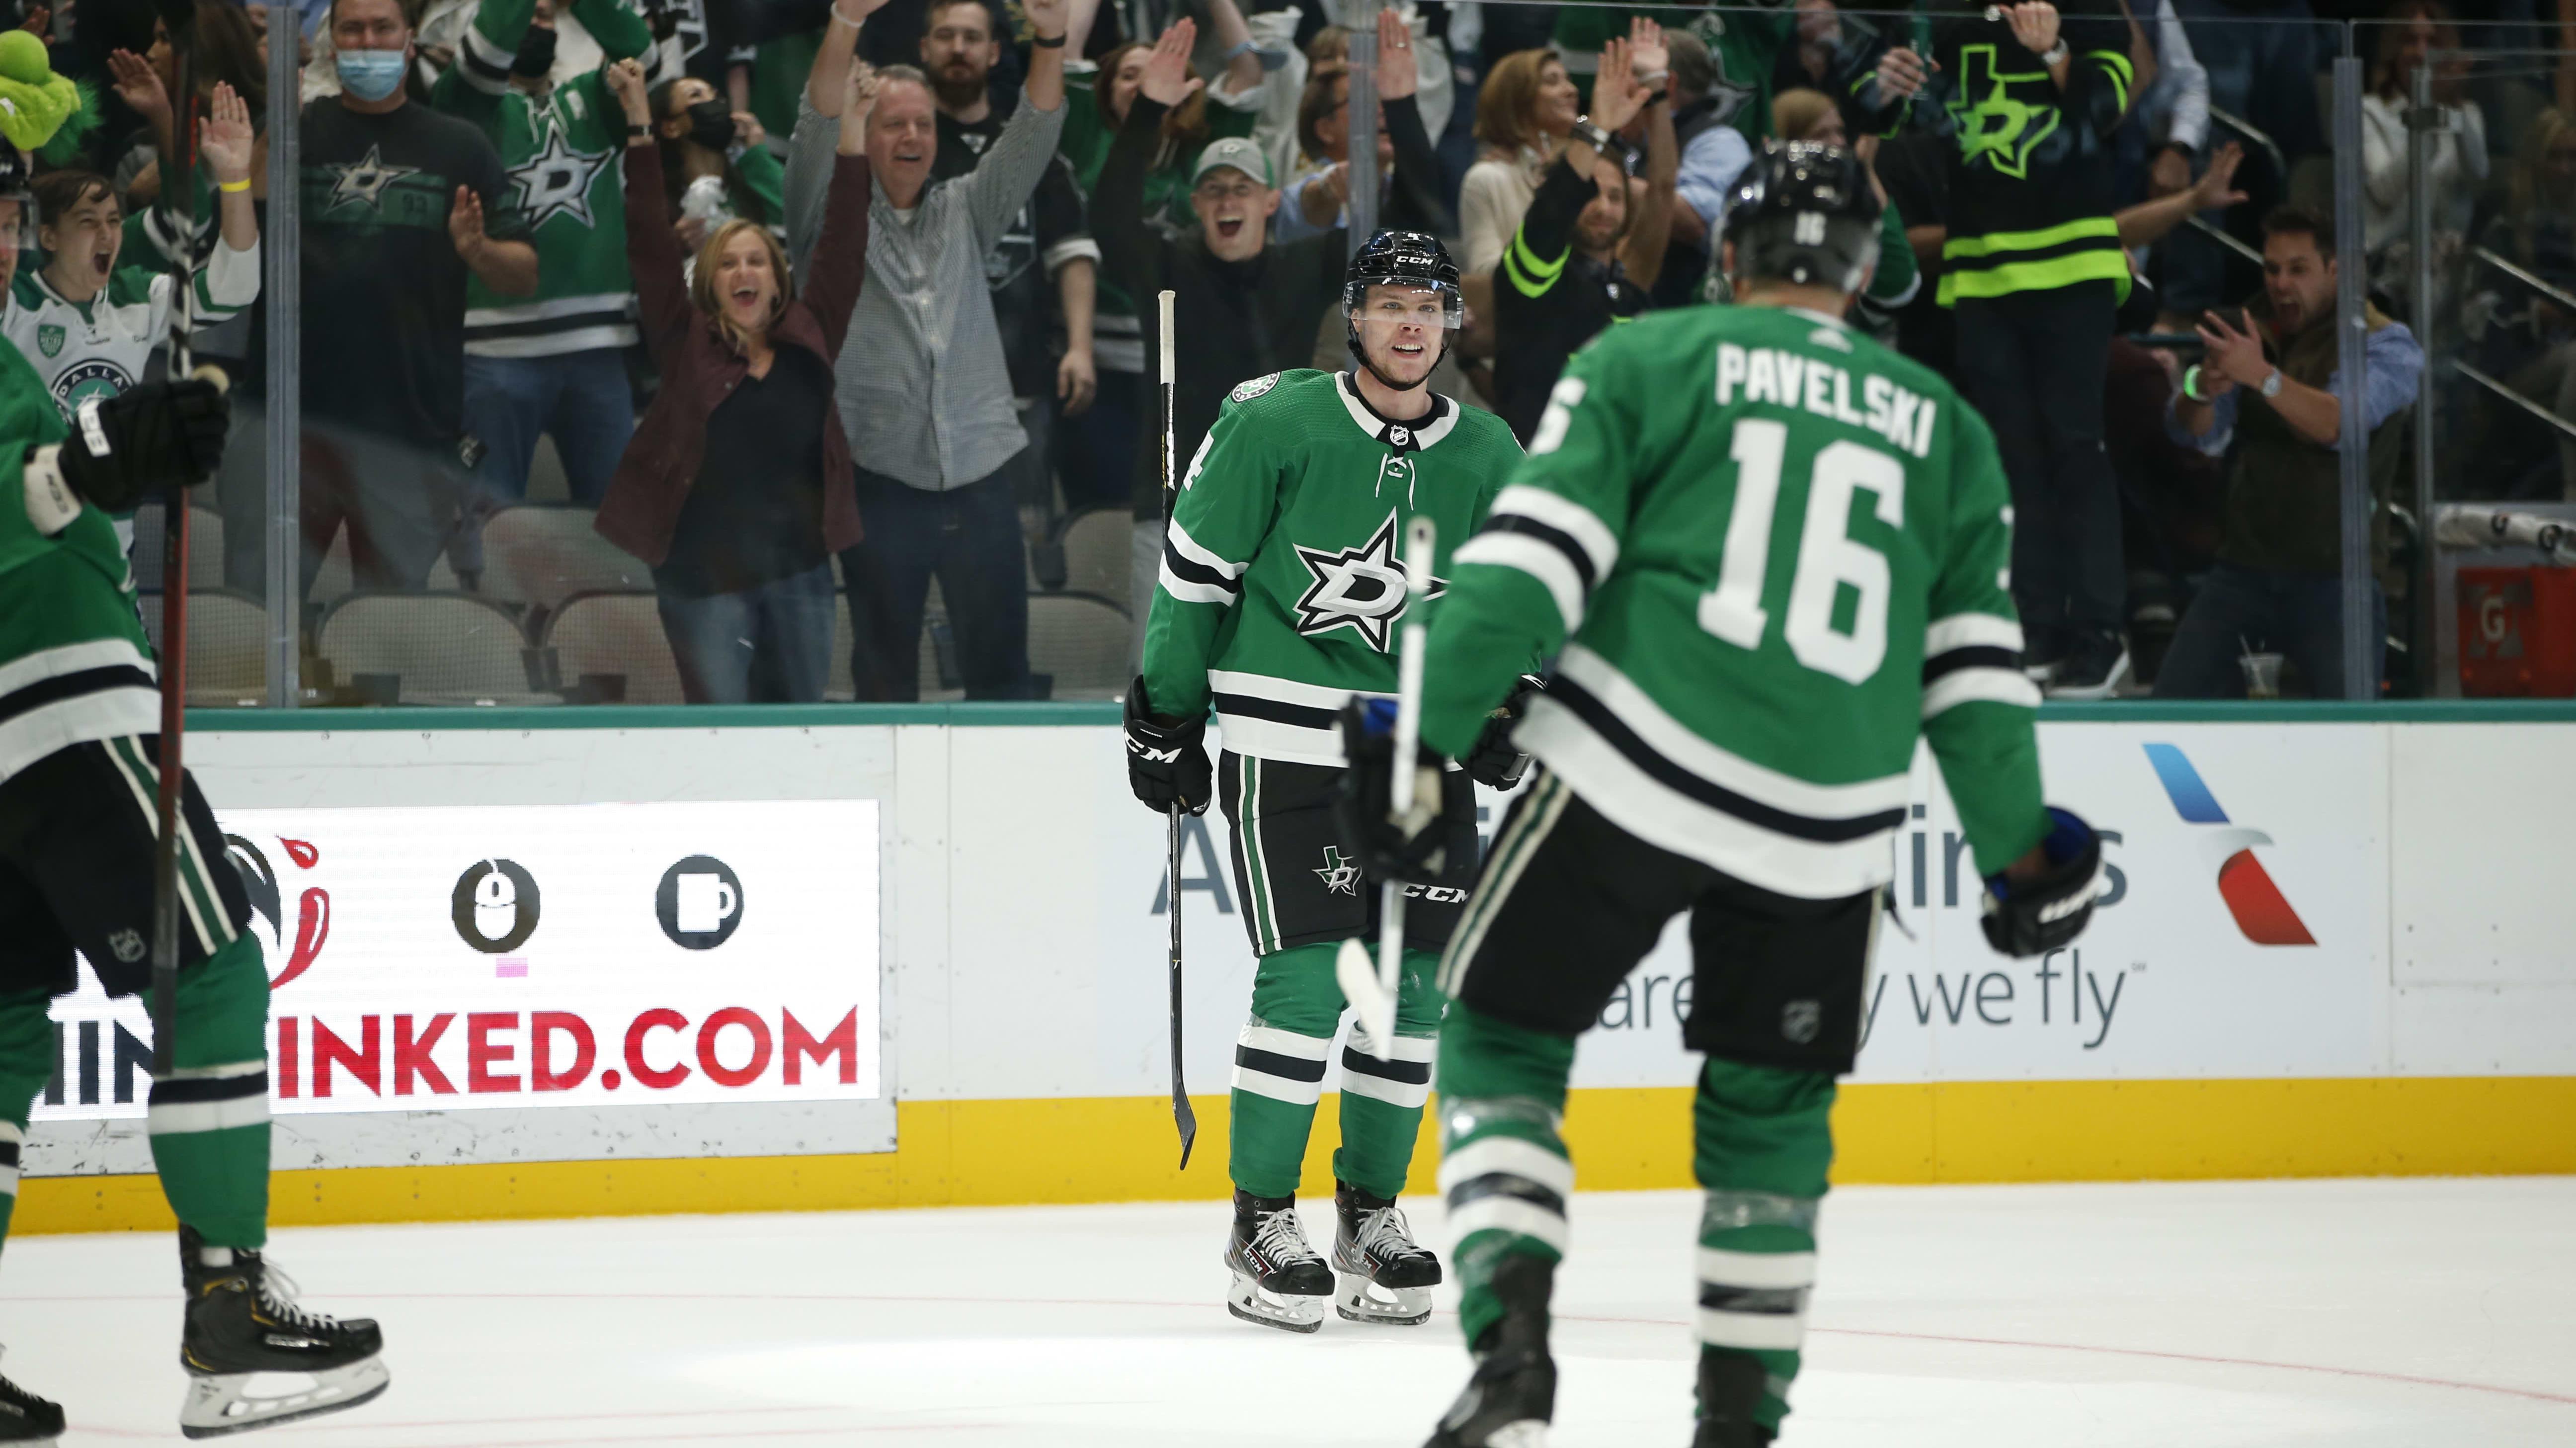 Miro Heiskasella kulkee NHL:ssä.